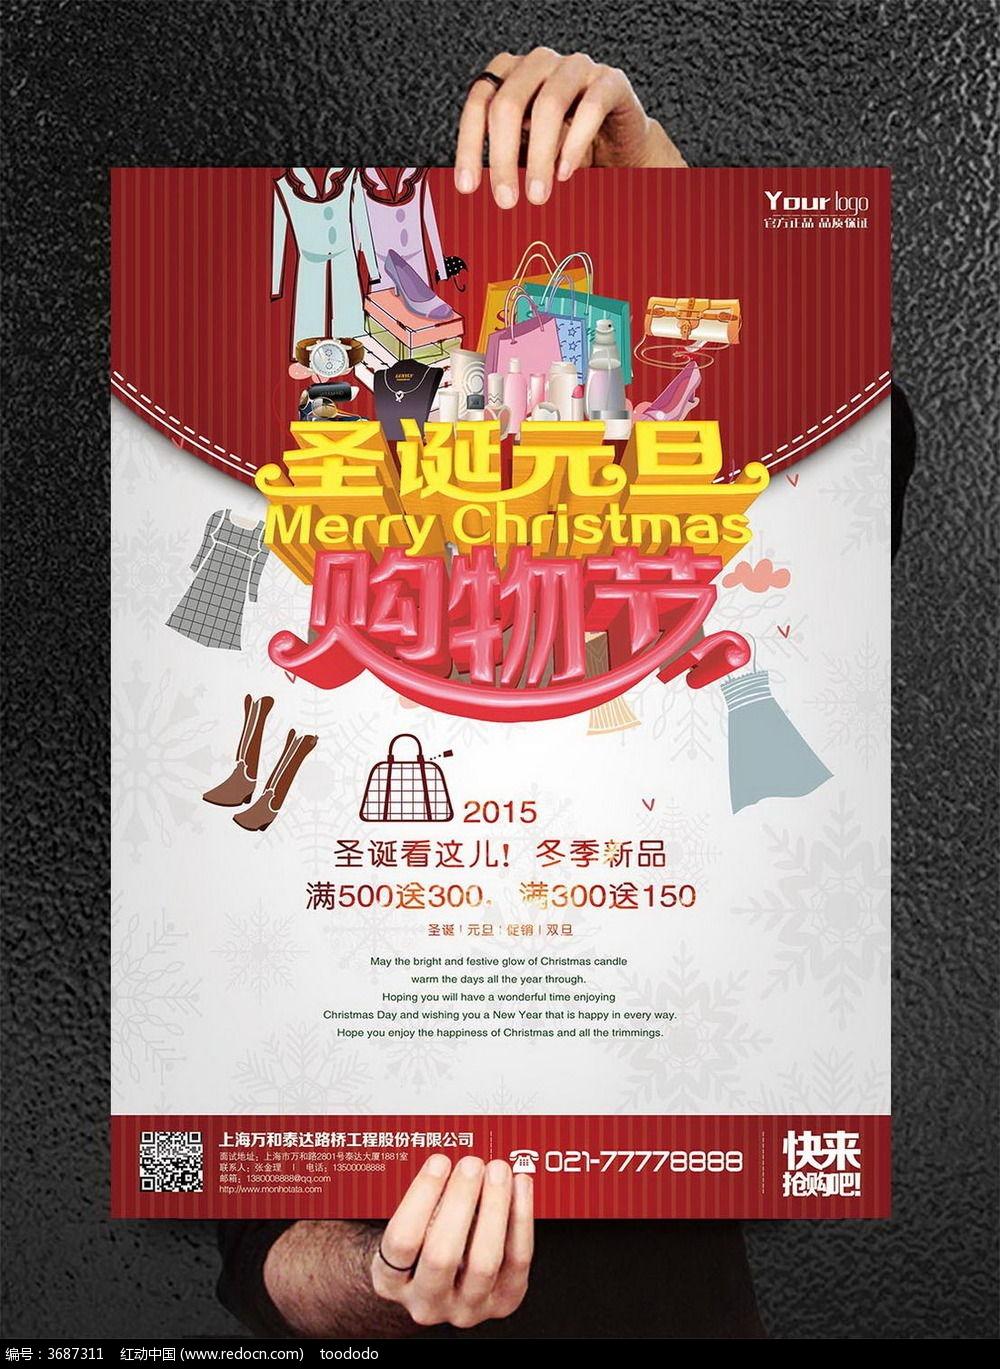 圣诞节促销 圣诞节促销海报